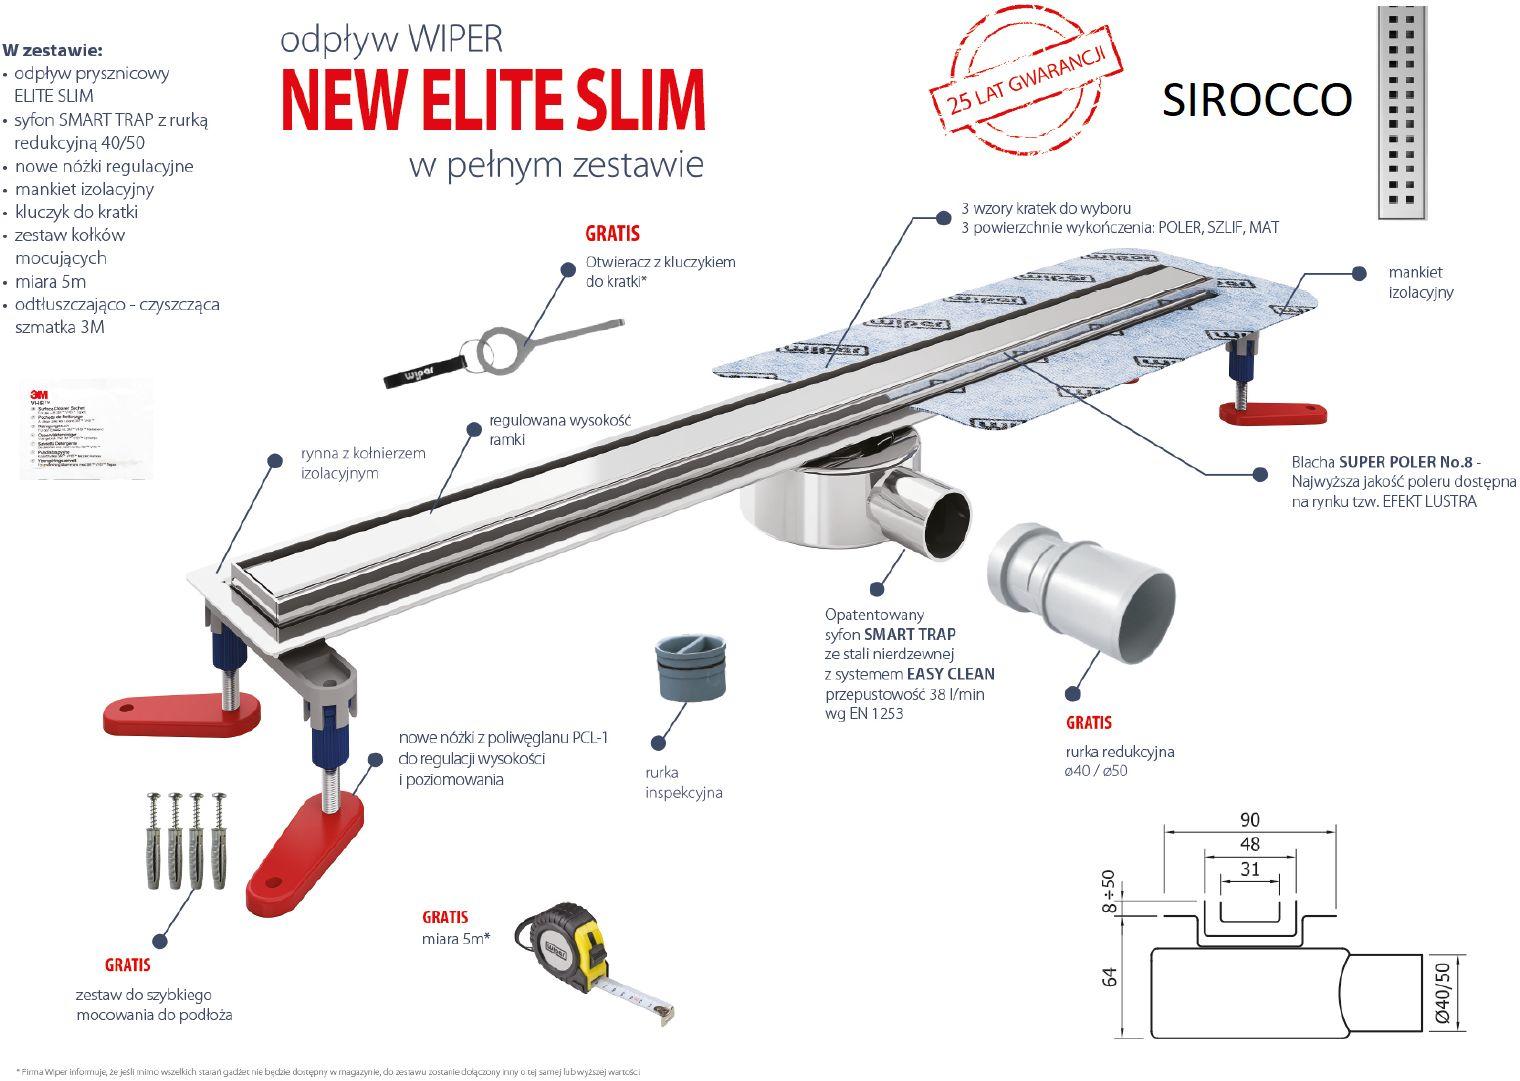 Wiper odpływ liniowy Sirocco New Elite Slim 80 cm z mankietem + gratisy 100.3400.01.080